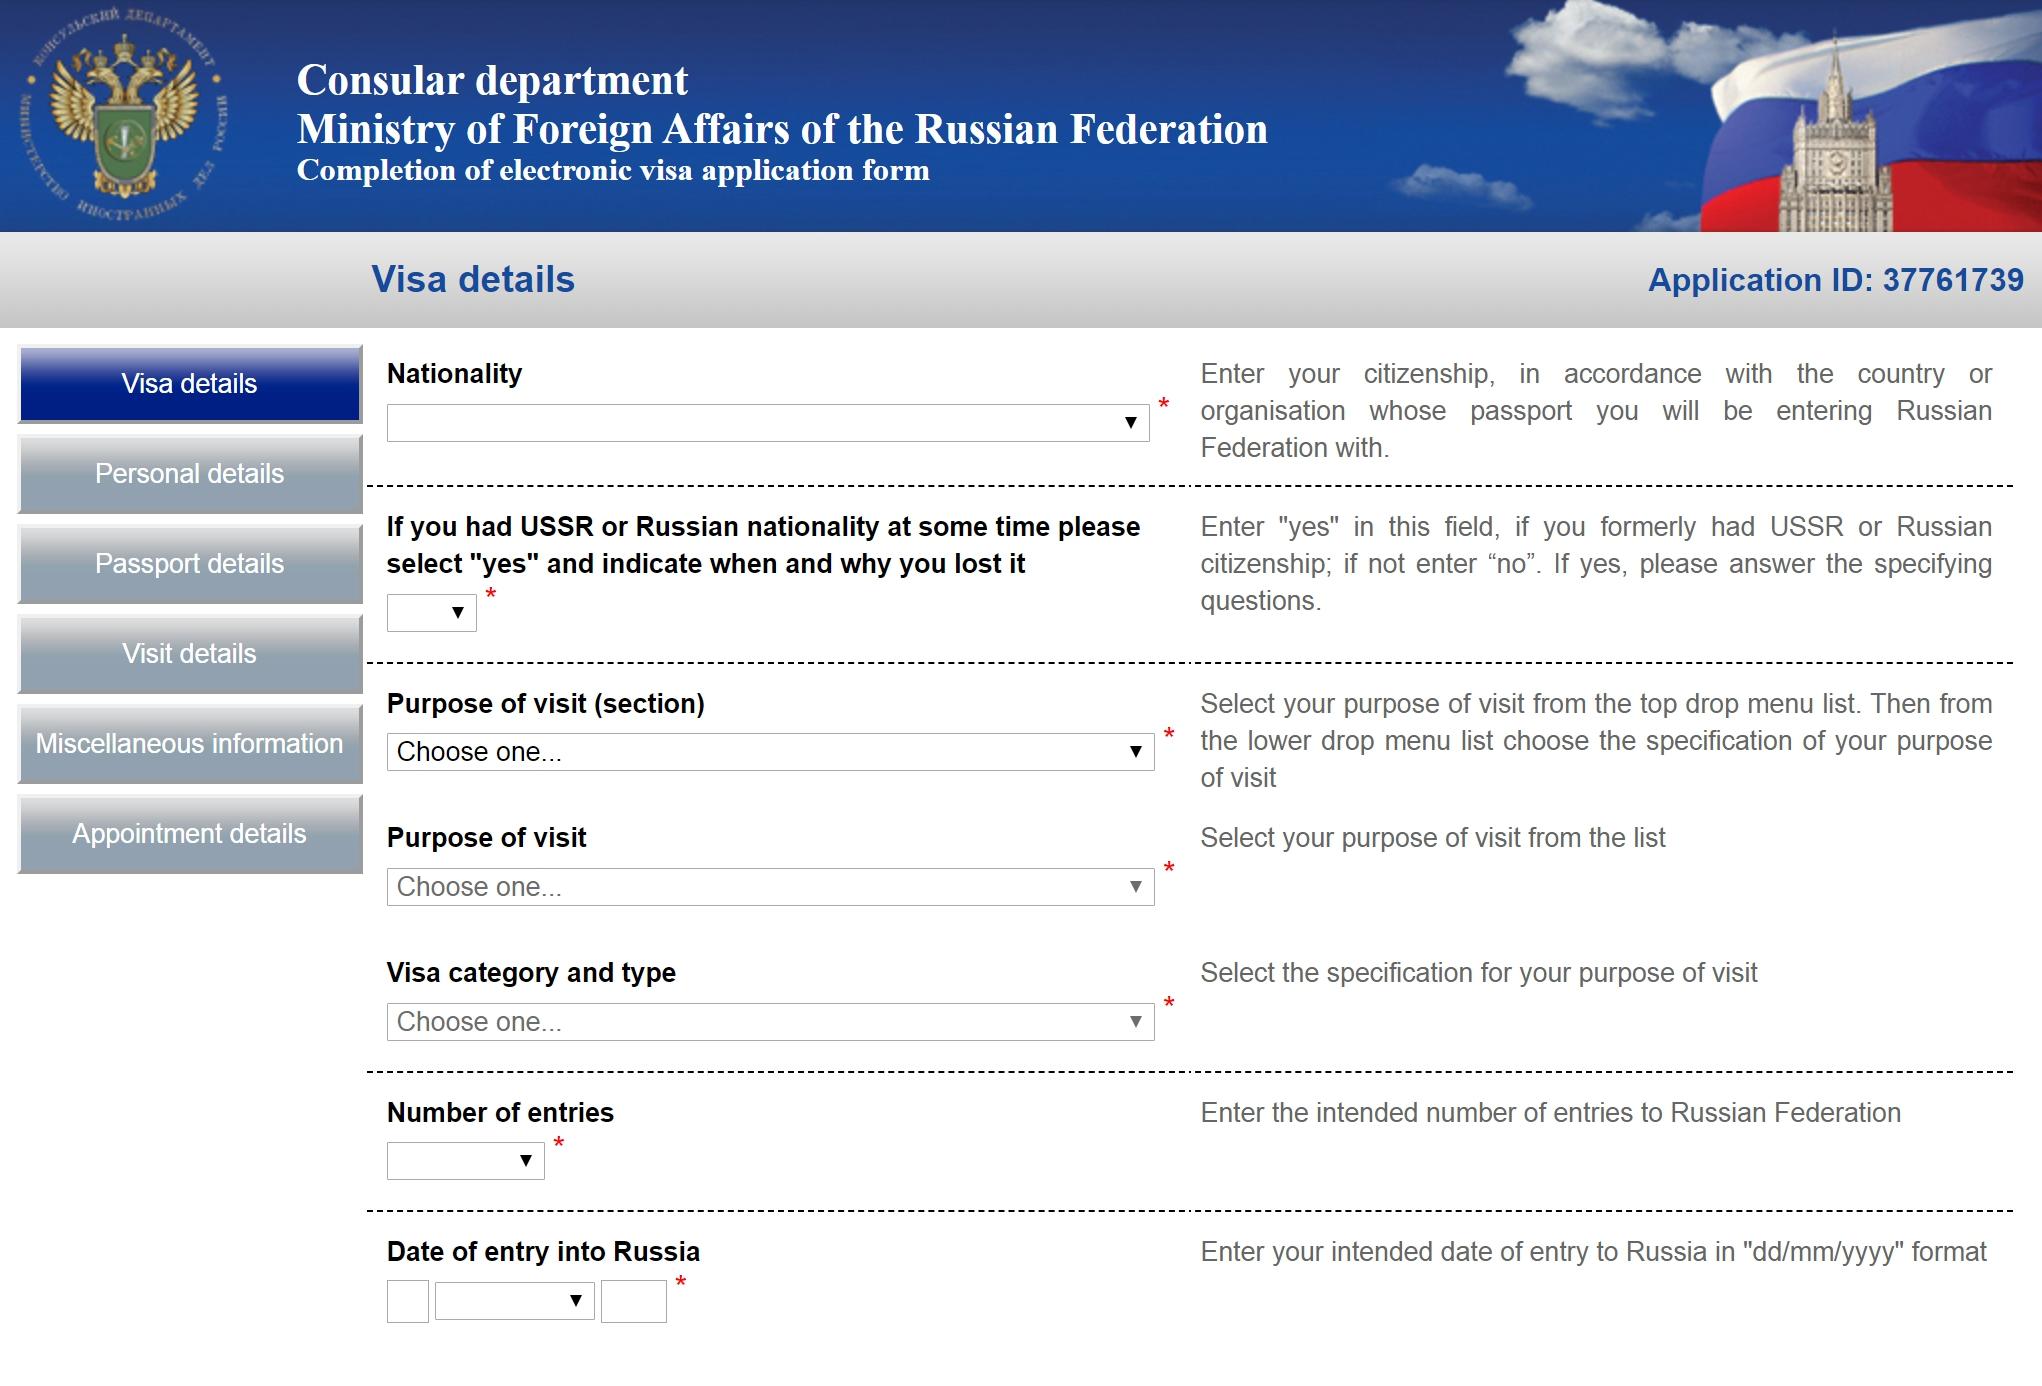 Вопросы в анкете стандартные: нужно указать цель визита, категорию визы, количество въездов и т. д.